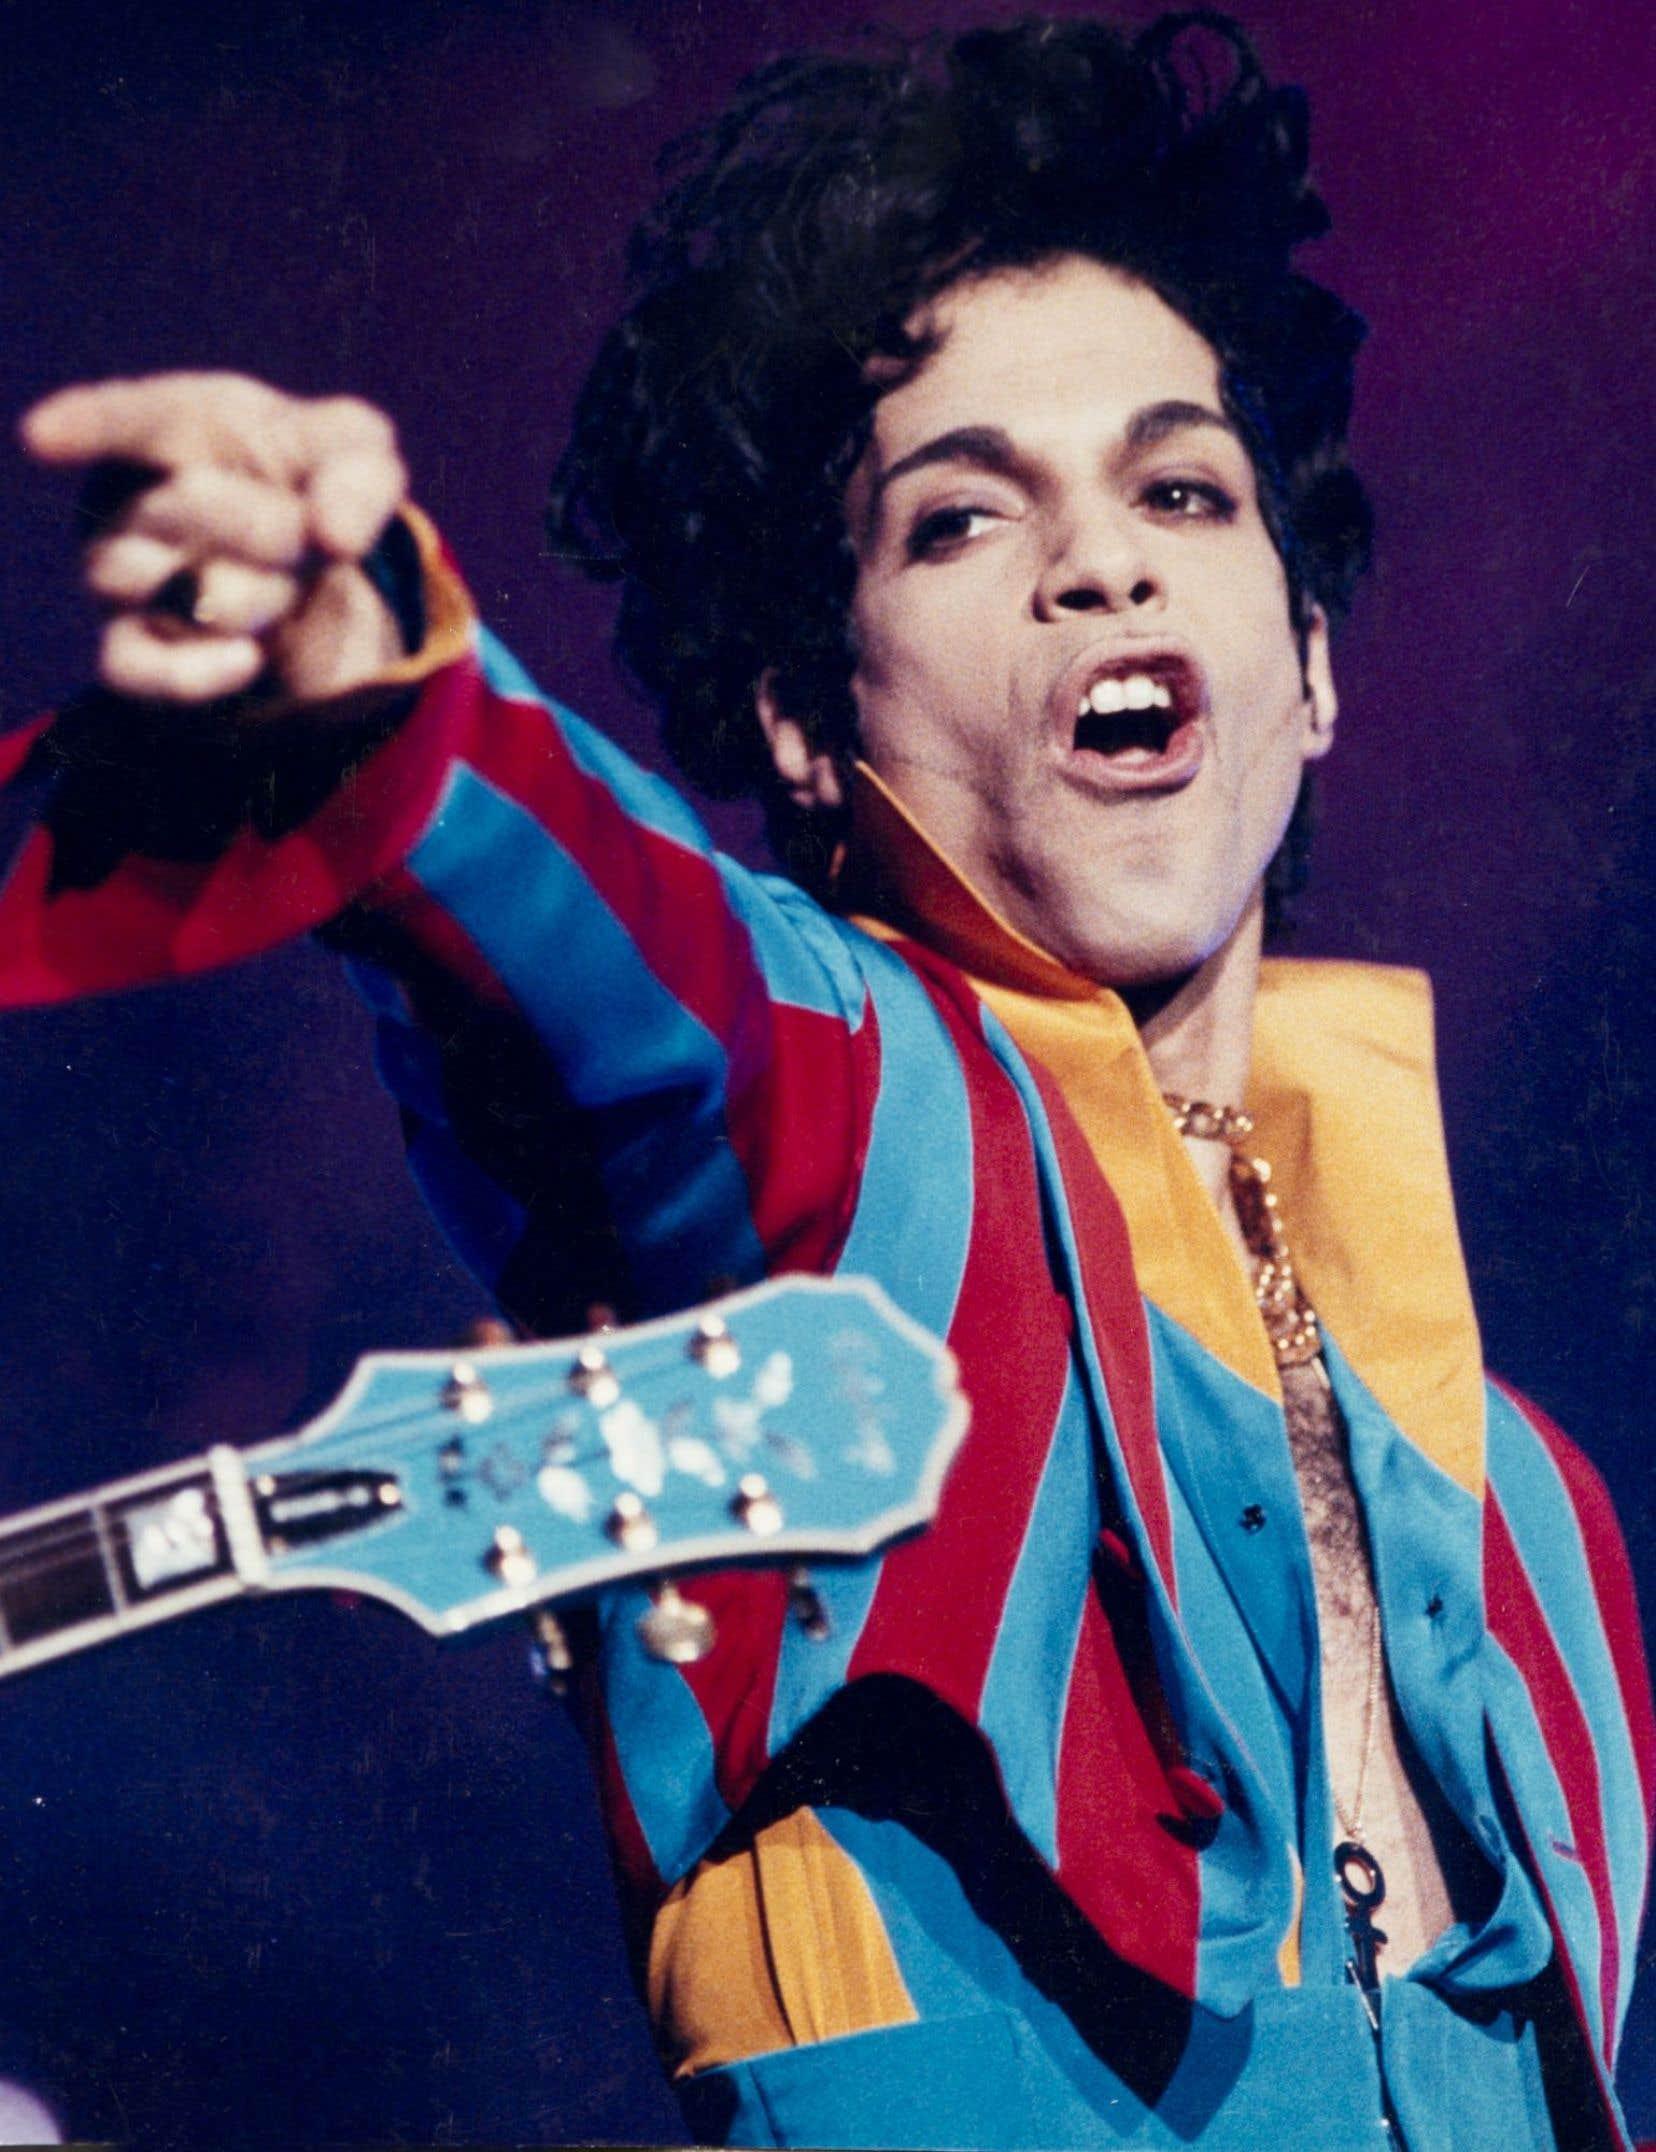 Le géant de la pop, lors d'un passage au Centre Molson, au tournant des années 2000. Prince a donné deux spectacles à Montréal en mars.